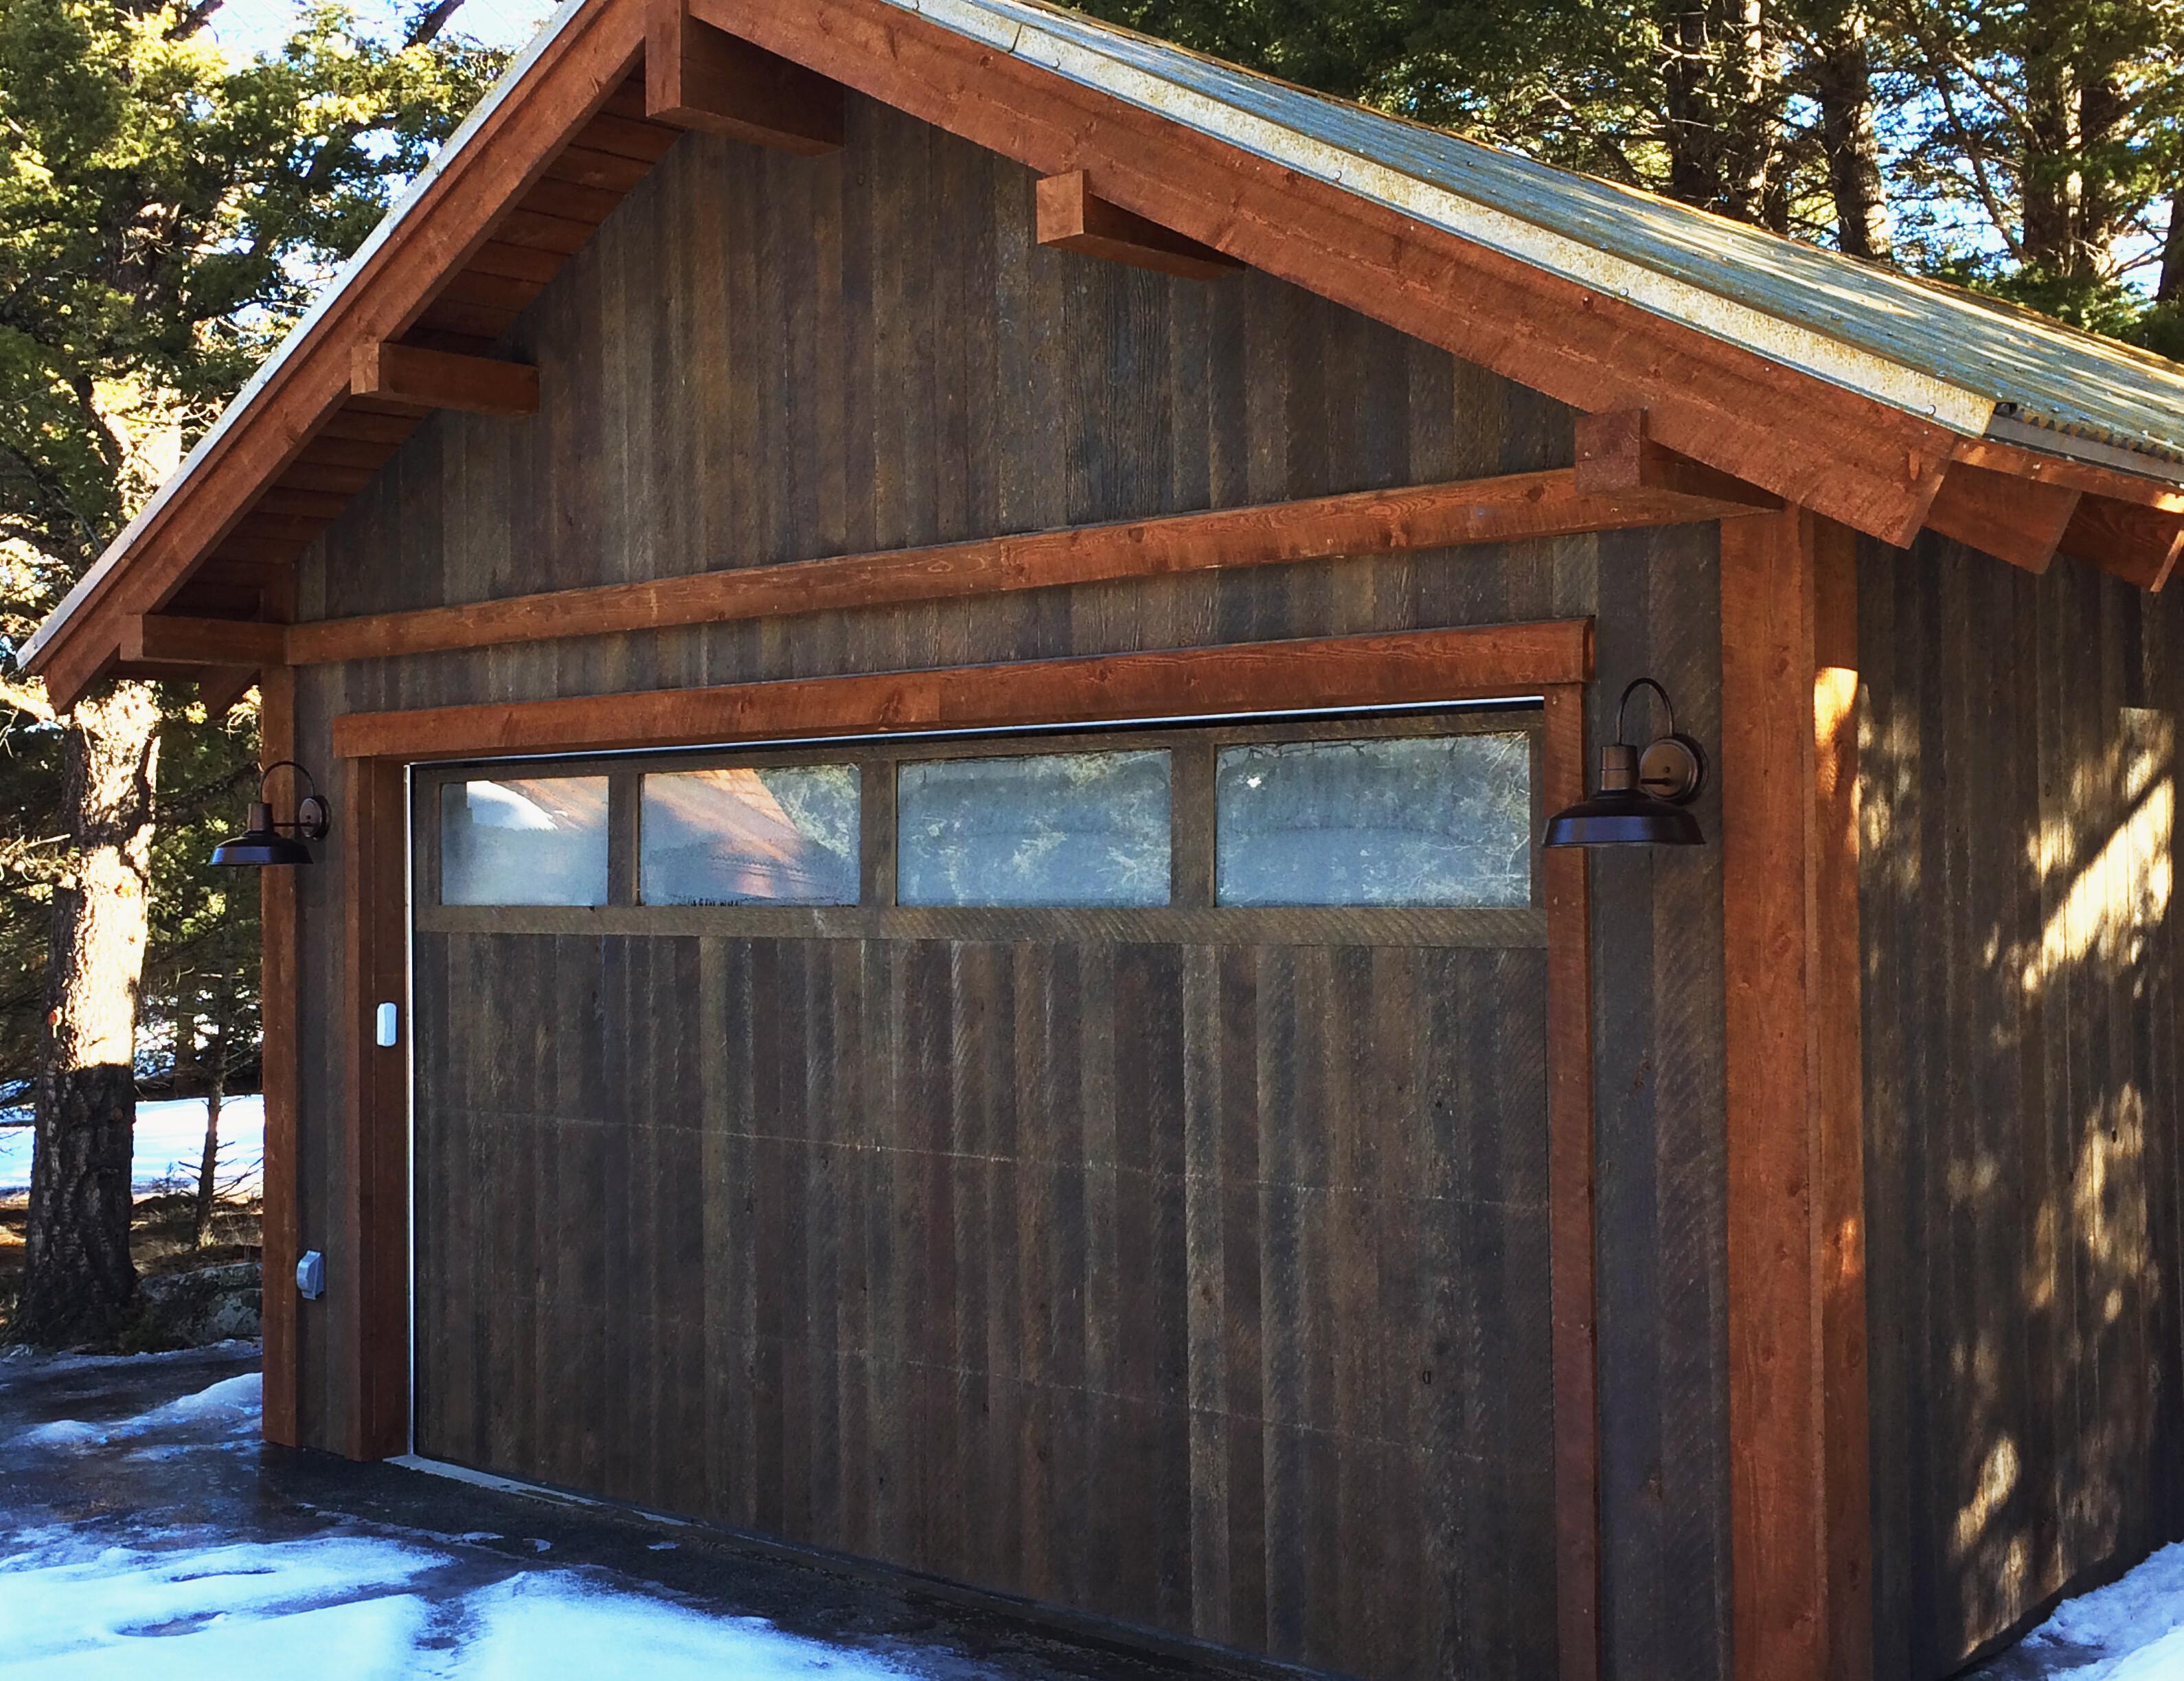 Barn Wood Alternative- Ranchwood Siding And AquaFir